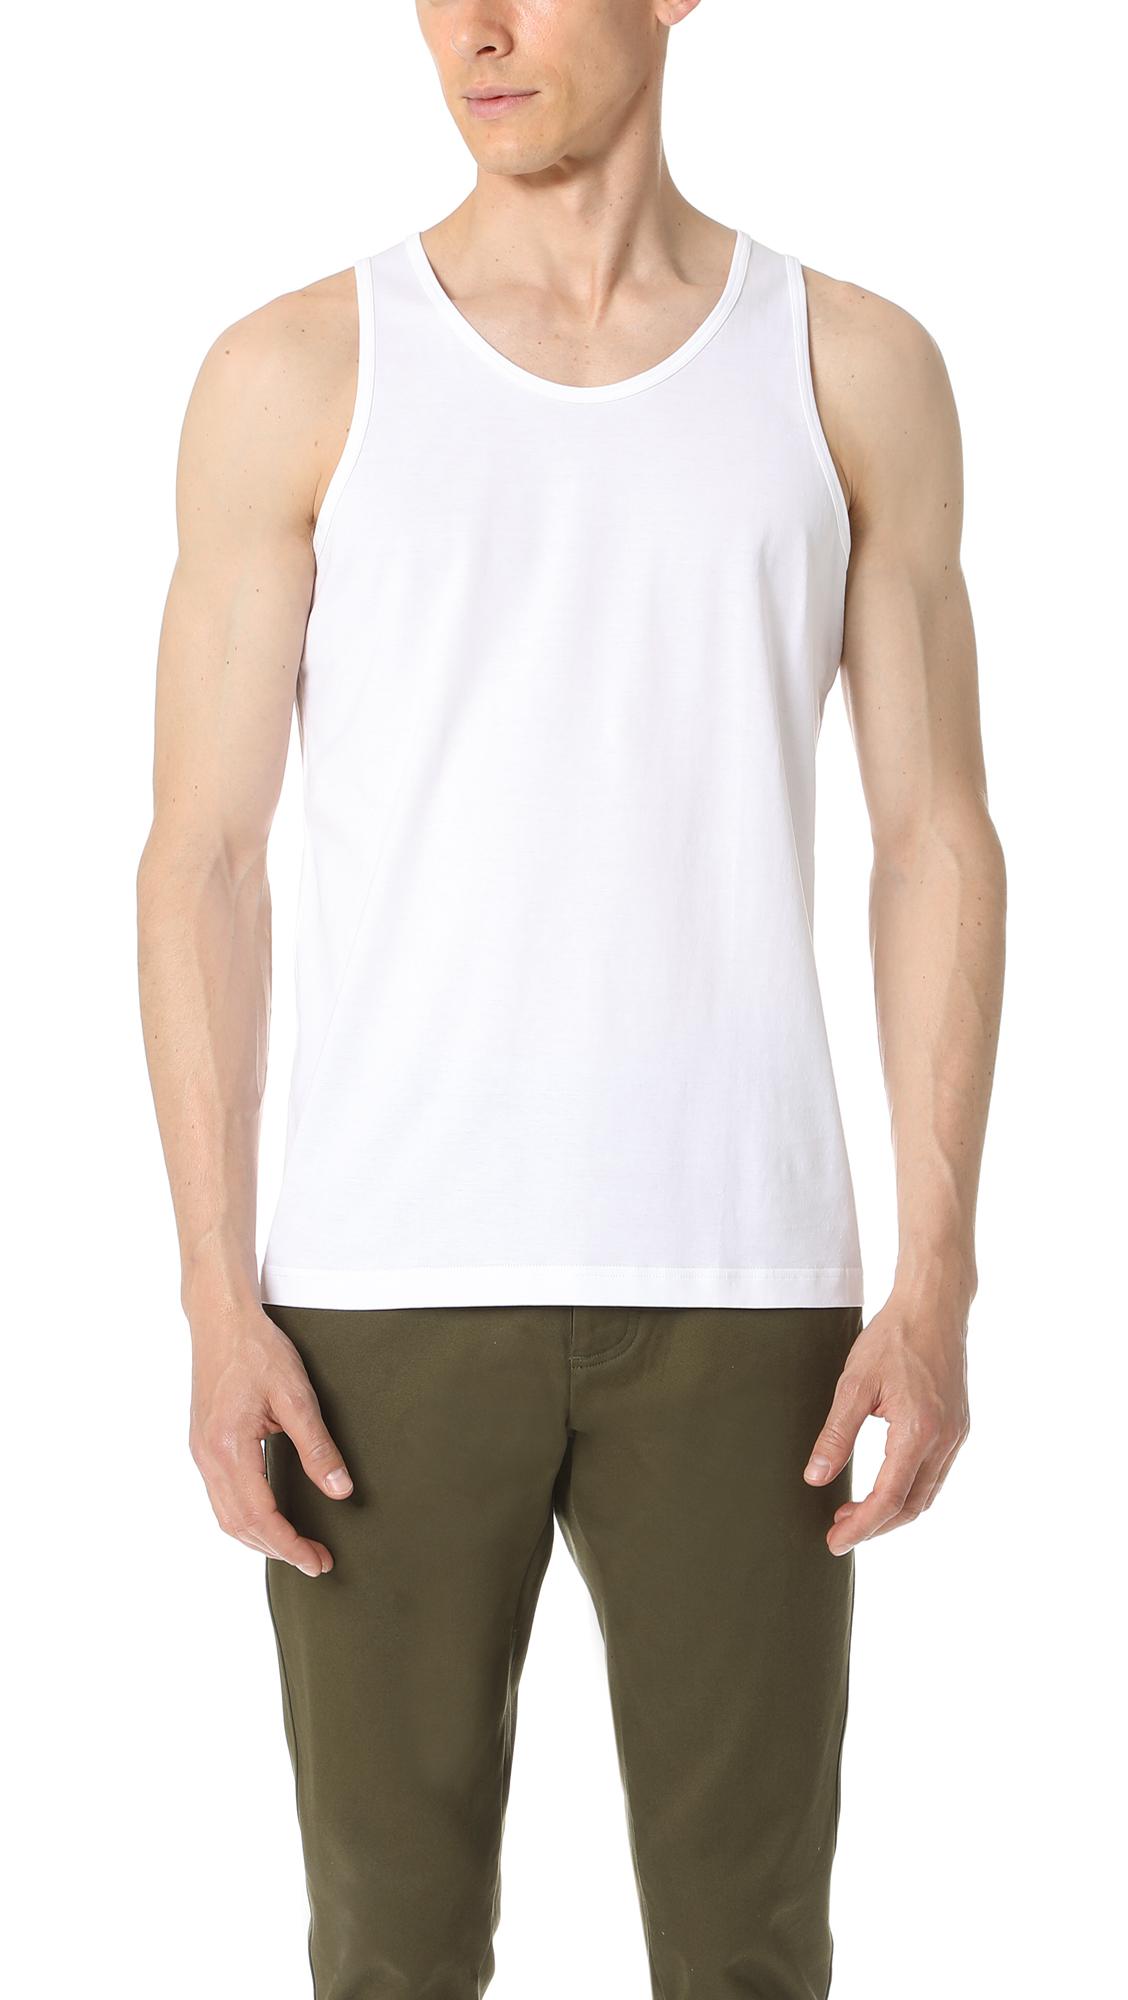 SUNSPEL Cotton Underwear Tank Top - White